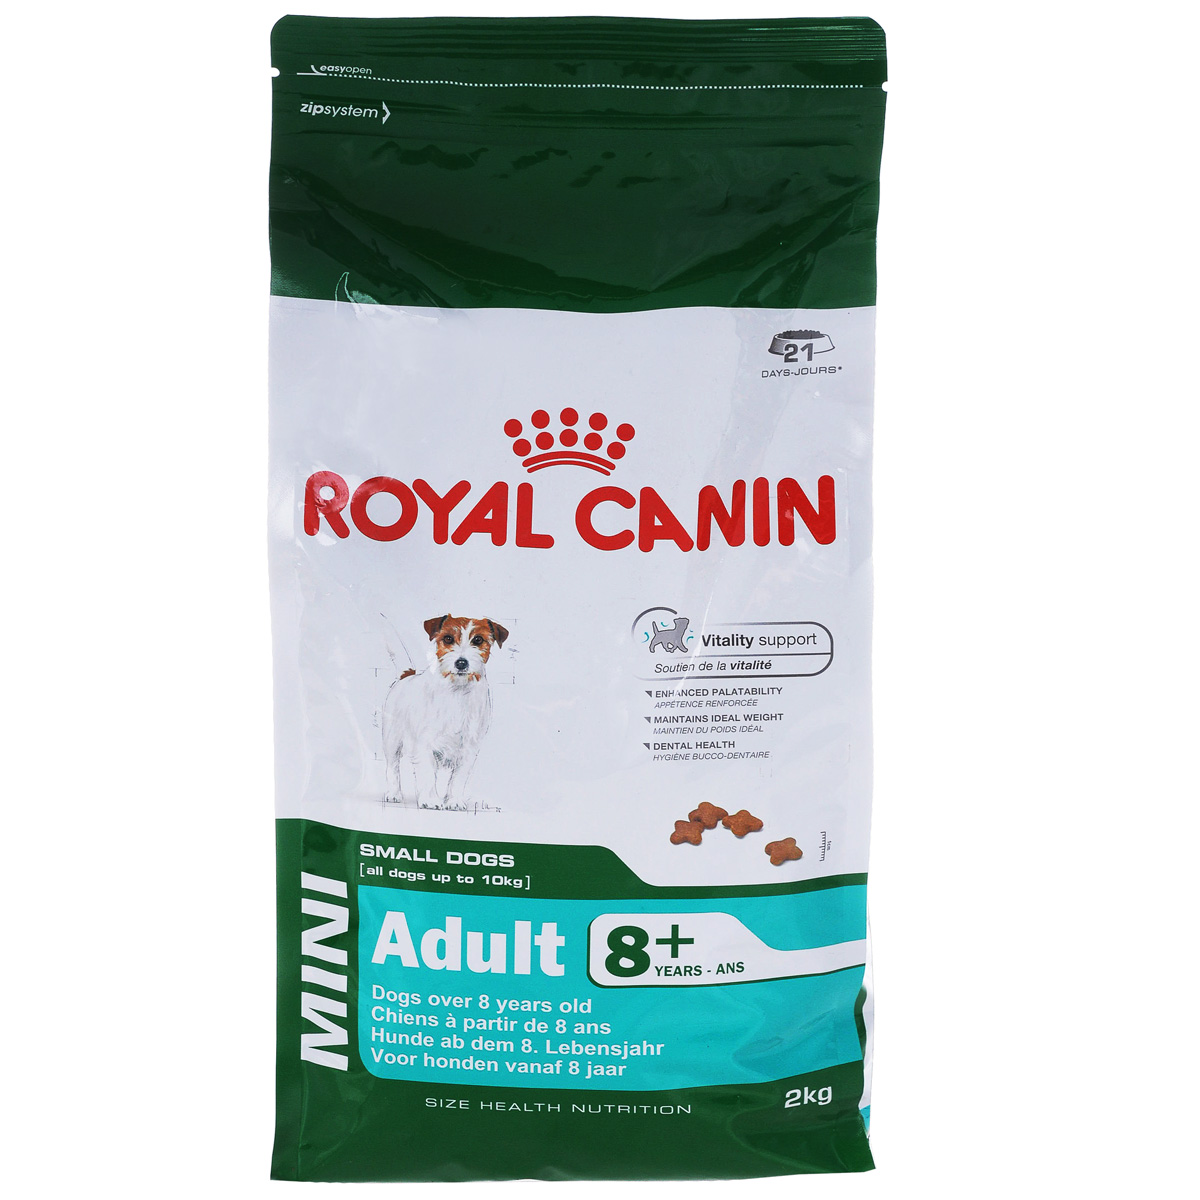 Корм сухой Royal Canin Mini Adult 8+, для собак весом до 10 кг старше 8 лет, 2 кг0120710Сухой корм Royal Canin Mini Adult 8+ является полнорационным кормом для стареющих собак (в возрасте 8 лет и старше) мелких размеров.Особенности корма Royal Canin Mini Adult 8+: обеспечивает поддержание оптимального веса; питает шерсть собаки; способствует прекрасному аппетиту; помогает сократить отложение зубного камня.Состав: кукуруза, рис, дегидратированное мясо птицы, животные жиры, кукурузная клейковина, кукурузная мука, гидролизат белков животного происхождения, изолят растительных белков, свекольный жом, минеральные вещества, дрожжи, соевое масло, рыбий жир, фруктоолигосахариды.Пищевые добавки на 1 кг: витамин А 22200 МЕ, витамин D3 1000 МЕ, железо 47 мг, йод 4,7 мг, марганец 60 мг, цинк 181 мг, селен 0,08 мг, L-карнитин 50 мг, триполифосфат натрия 3,5 г, консервант, антиокислители.Питательные вещества: белки 27%, жиры 16%, минеральные вещества 4,7%, клетчатка 1,5%, медь 15 мг/кг.Товар сертифицирован.